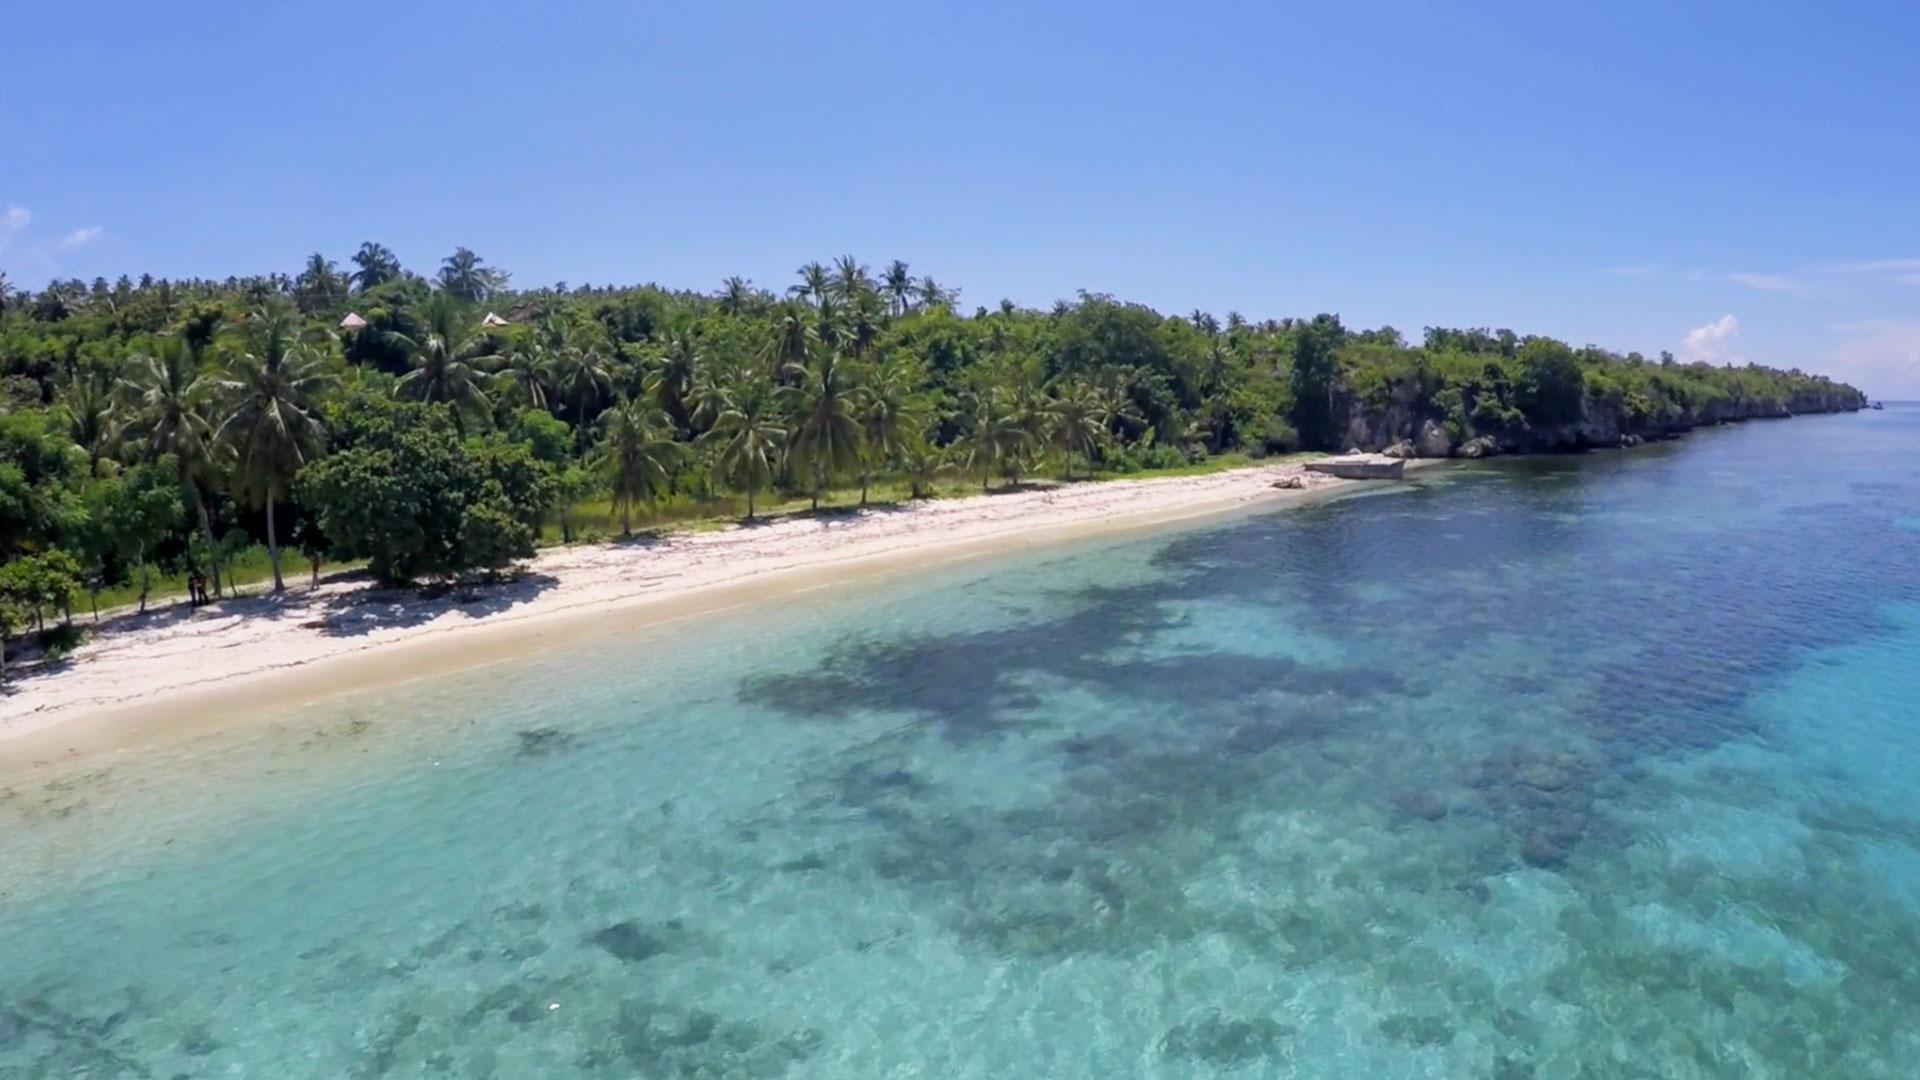 Pantai Palippis Surga Pecinta Pasir Putih Sulawesi Barat Kab Polewali